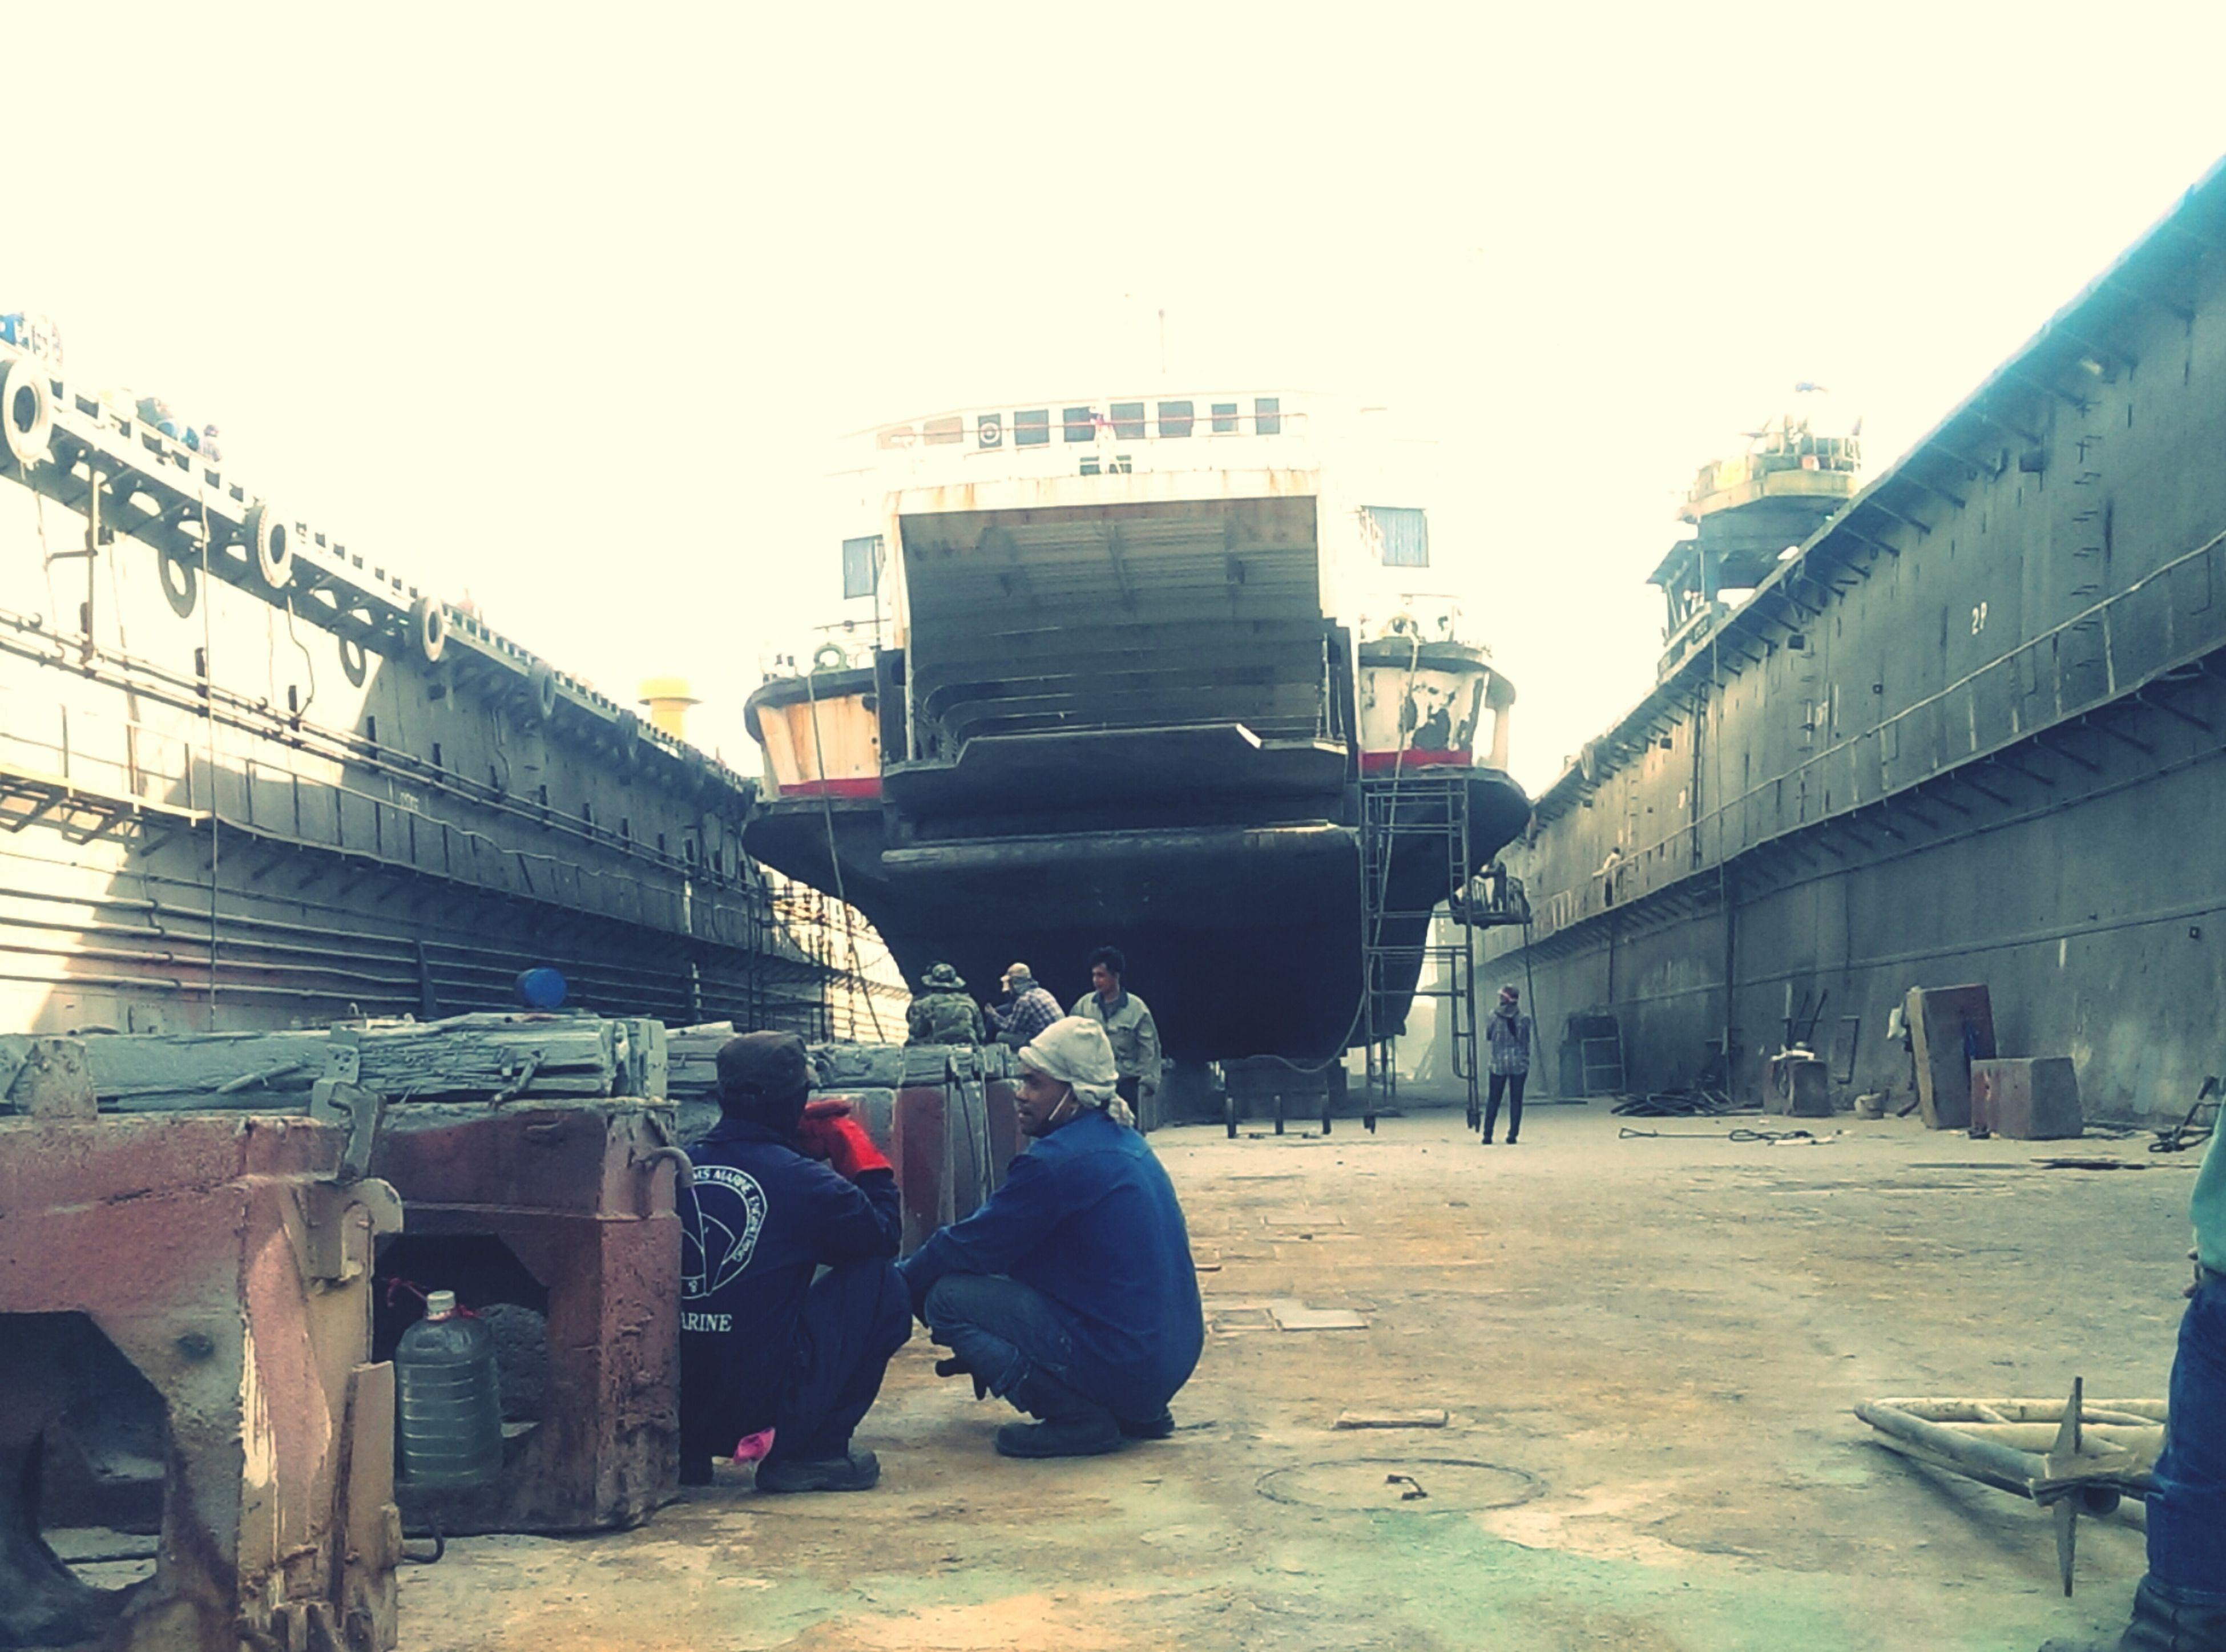 ฝนฟ้า เป็นใจกลางShip Shipyard Taking Photos Photo